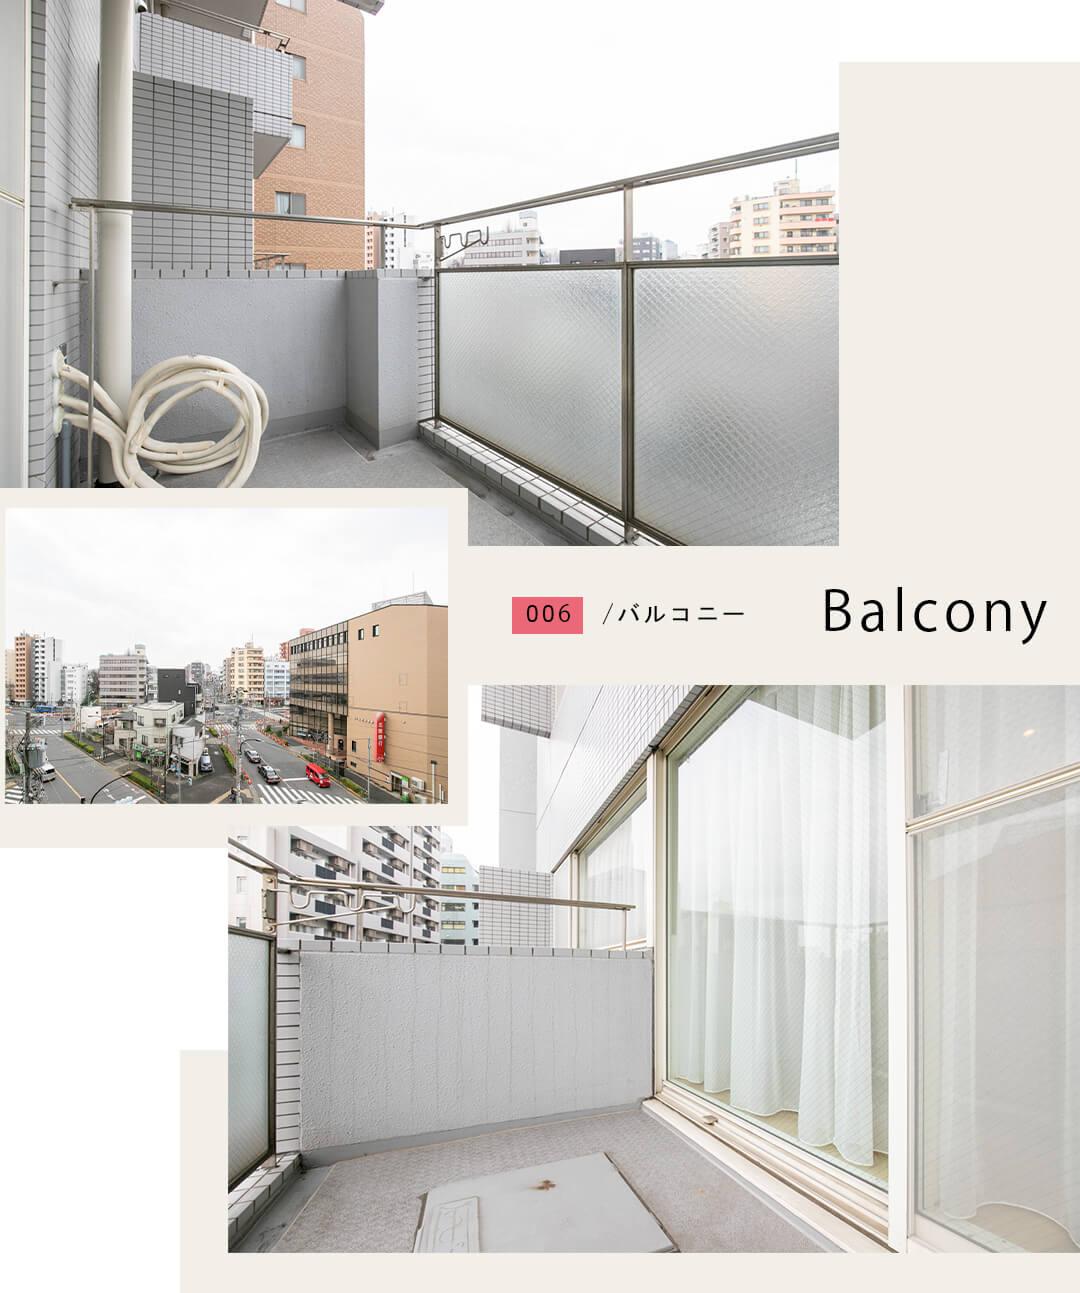 06バルコニー,Balcony